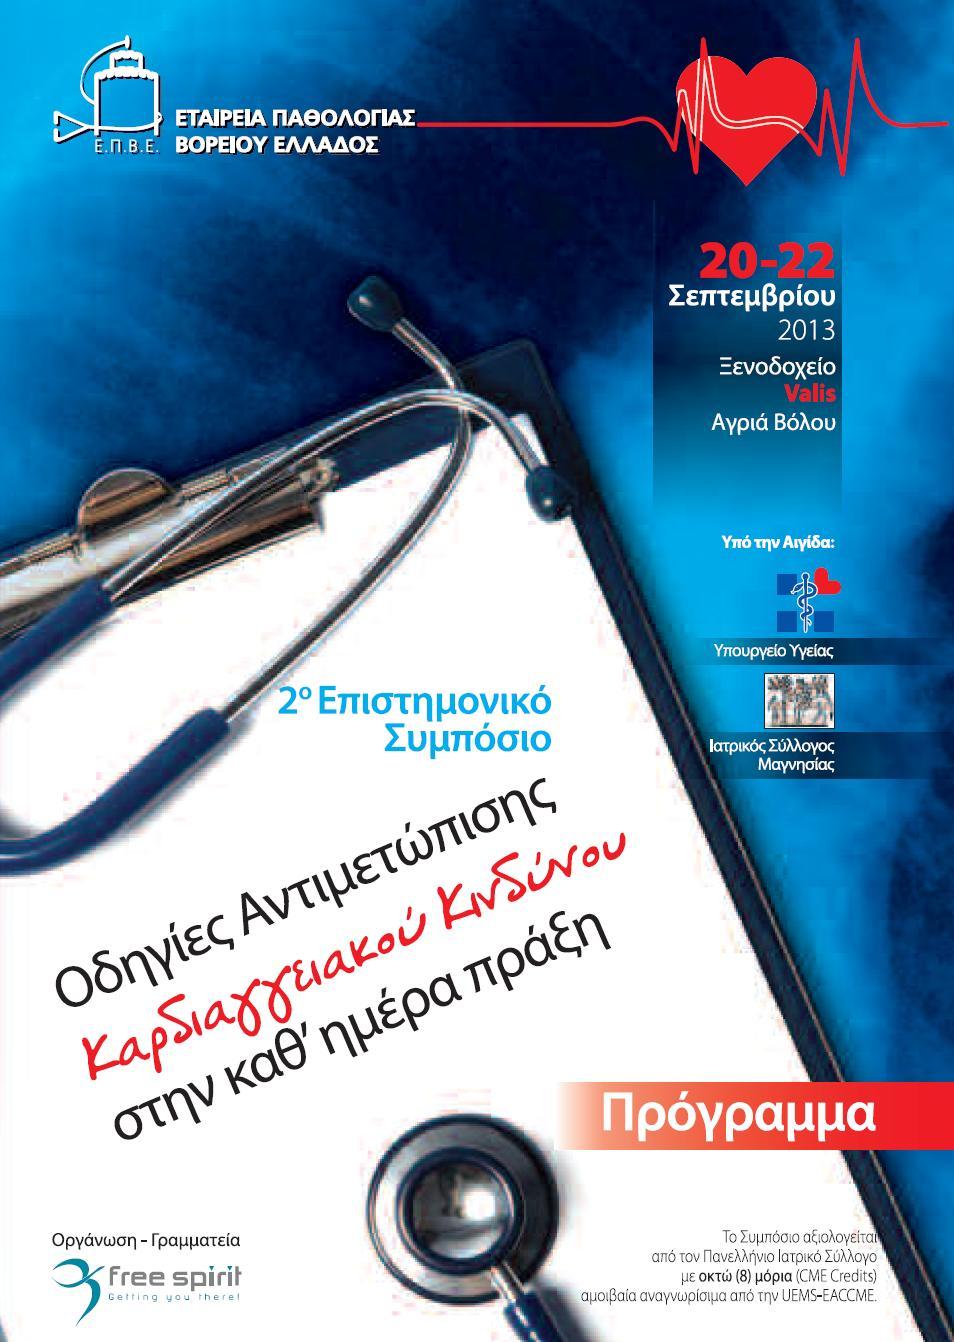 2η Επιστημονική Εκδήλωση Εταιρείας Παθολογίας Βορείου Ελλάδος